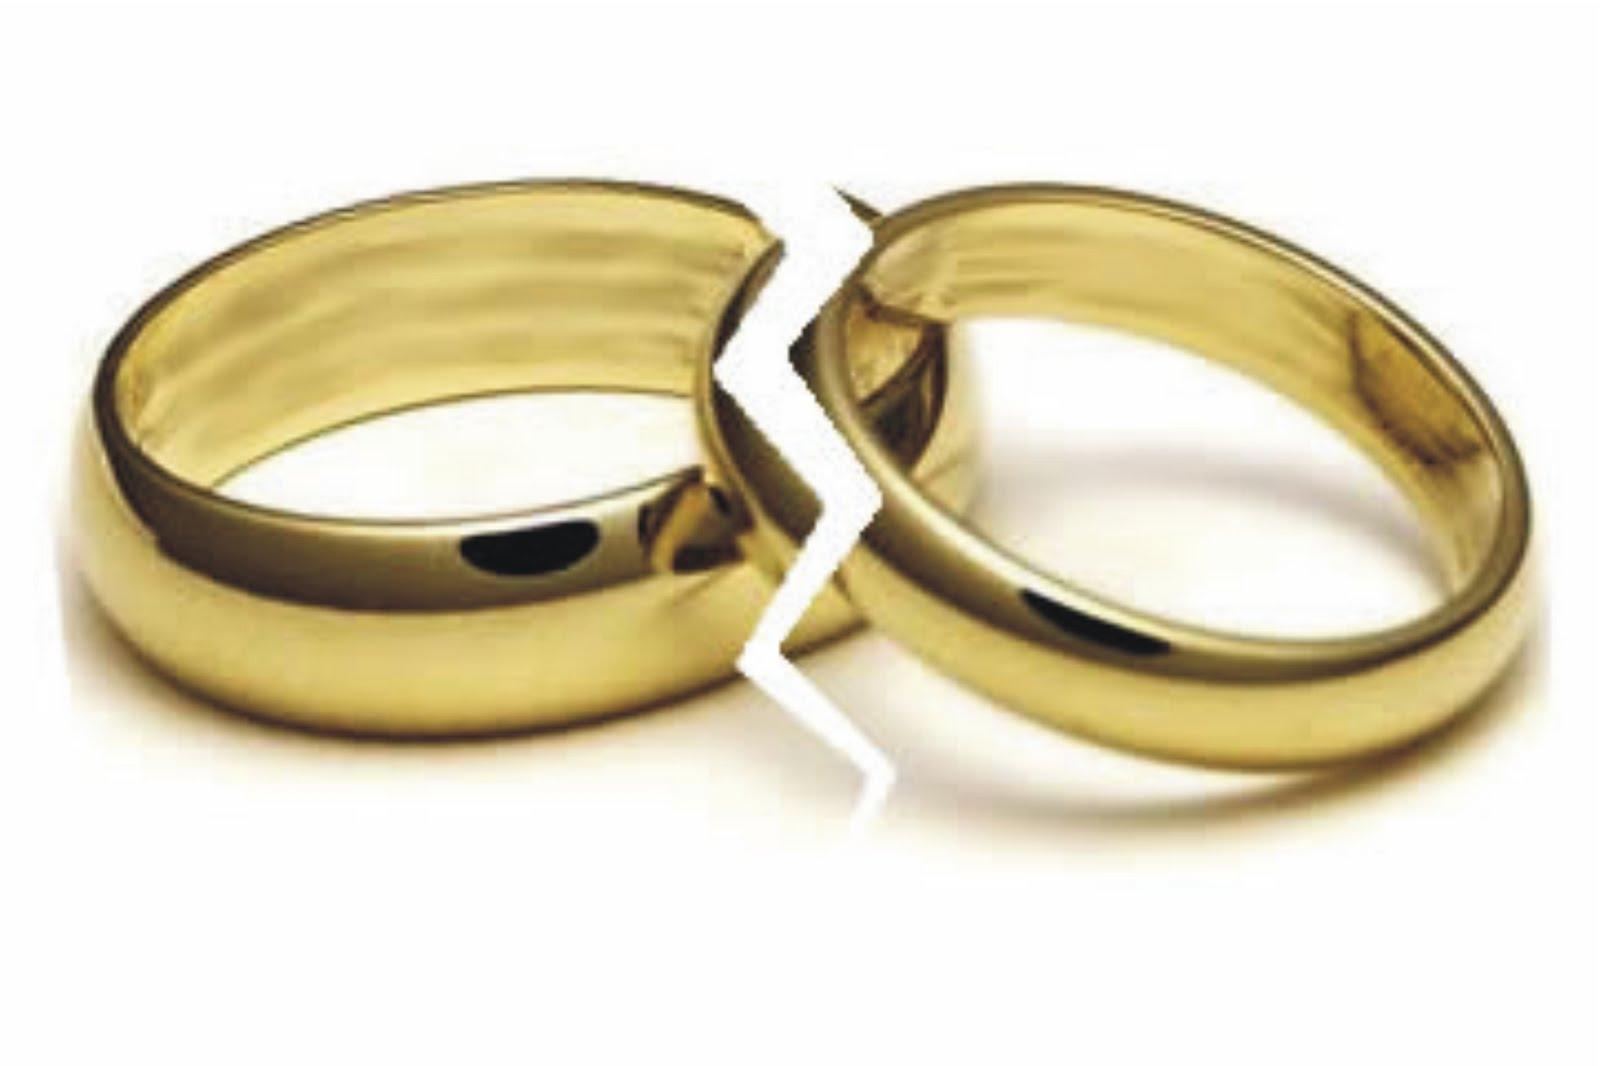 El Matrimonio Catolico Tiene Validez Legal : El divorcio y sus consecuencias jurÍdicas